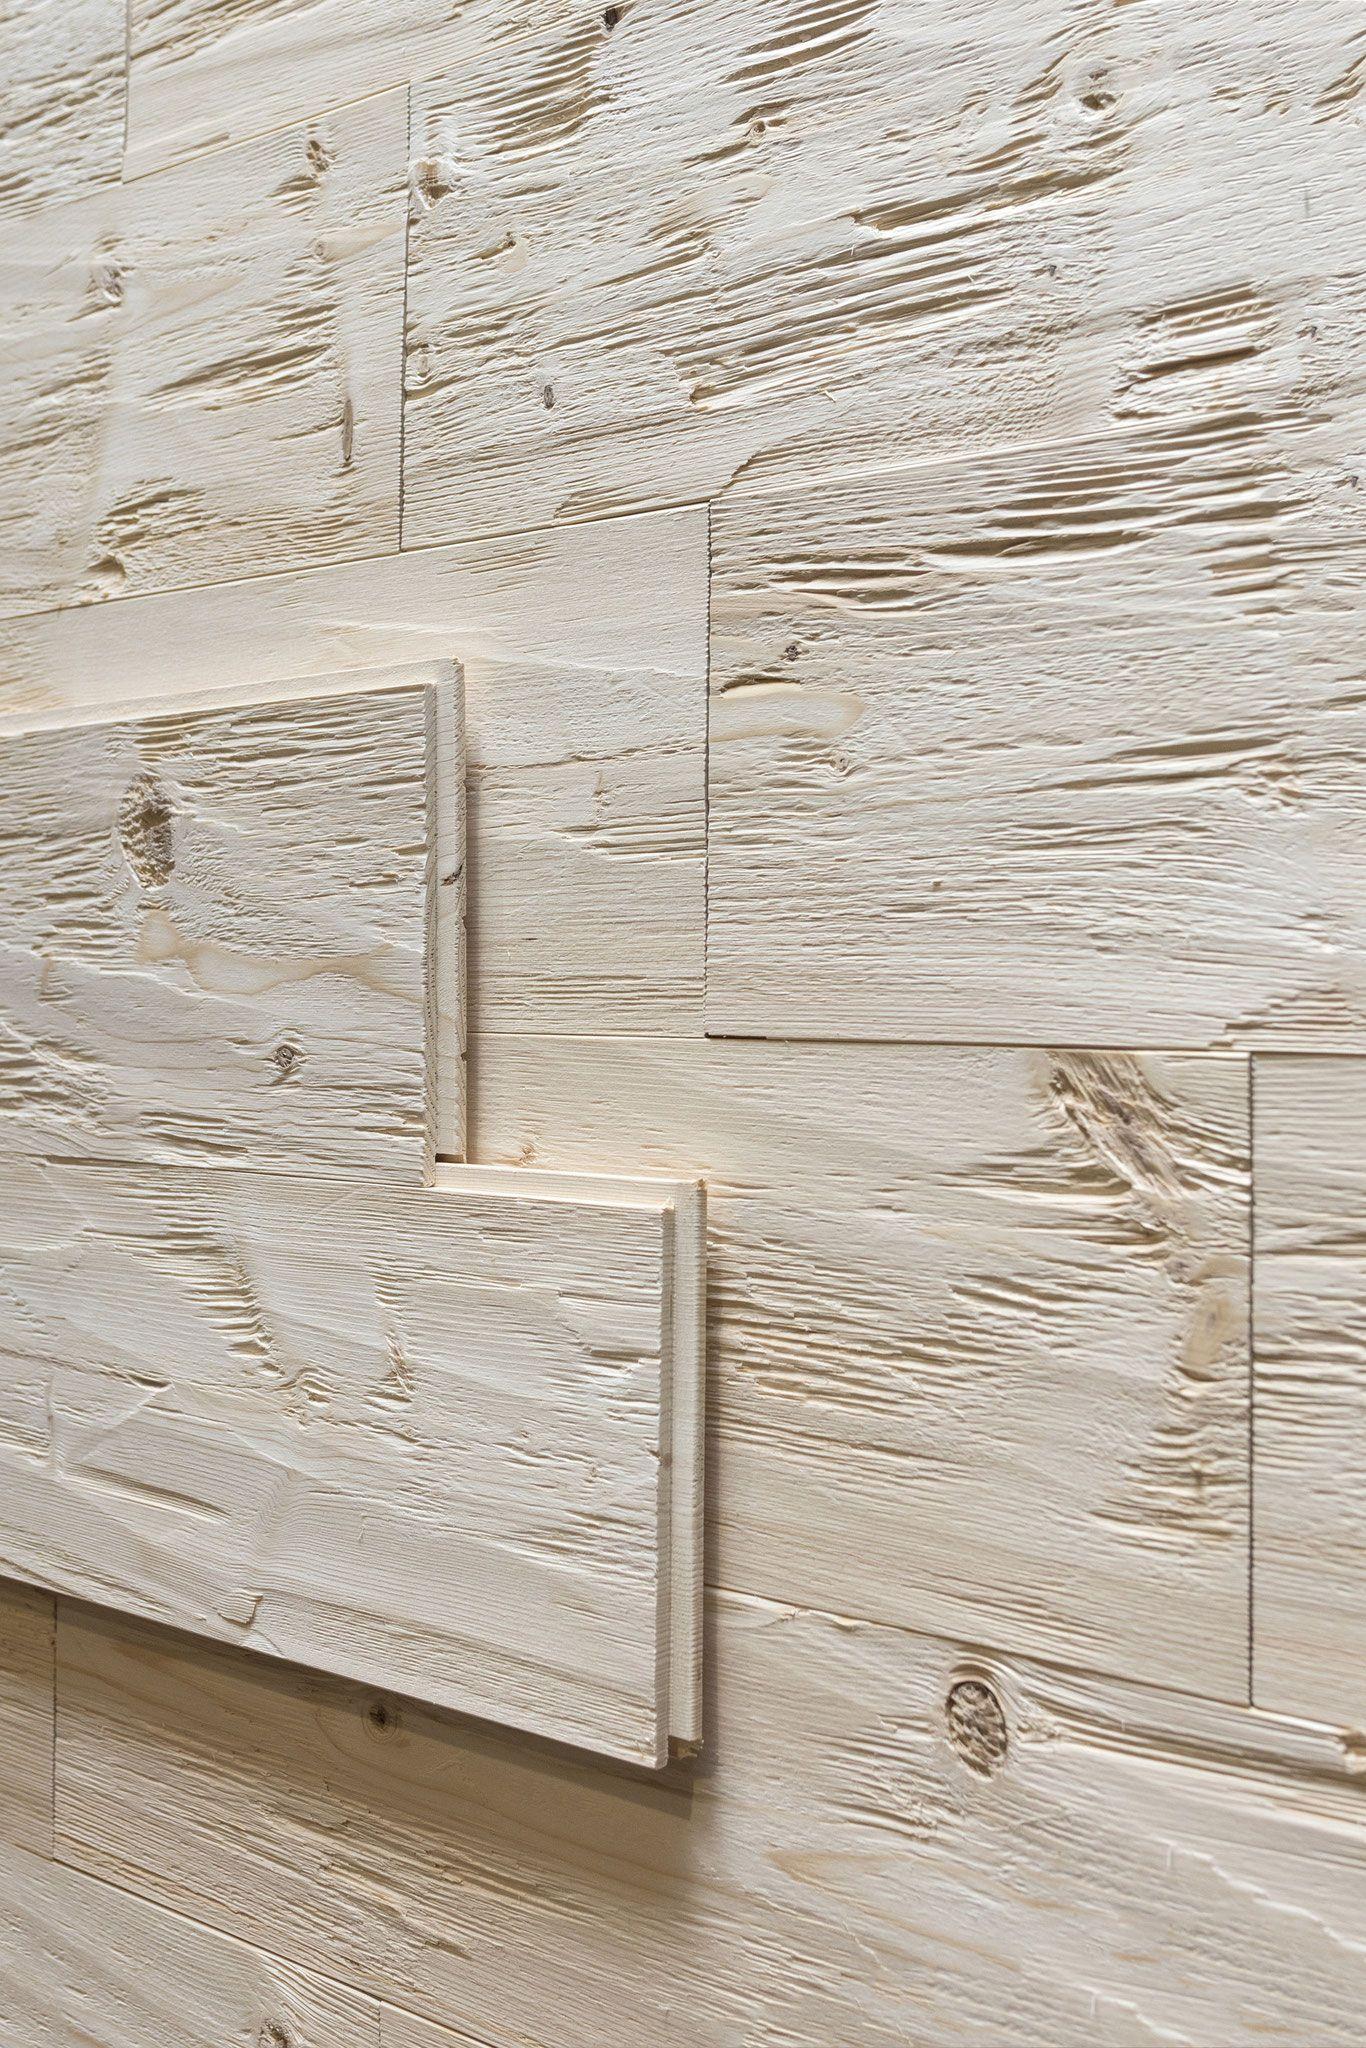 Rustikale Wandverkleidung Fichte Gehackt Geburstet Vintage Holz In 2020 Wandverkleidung Wand Mit Holz Verkleiden Vintage Holz